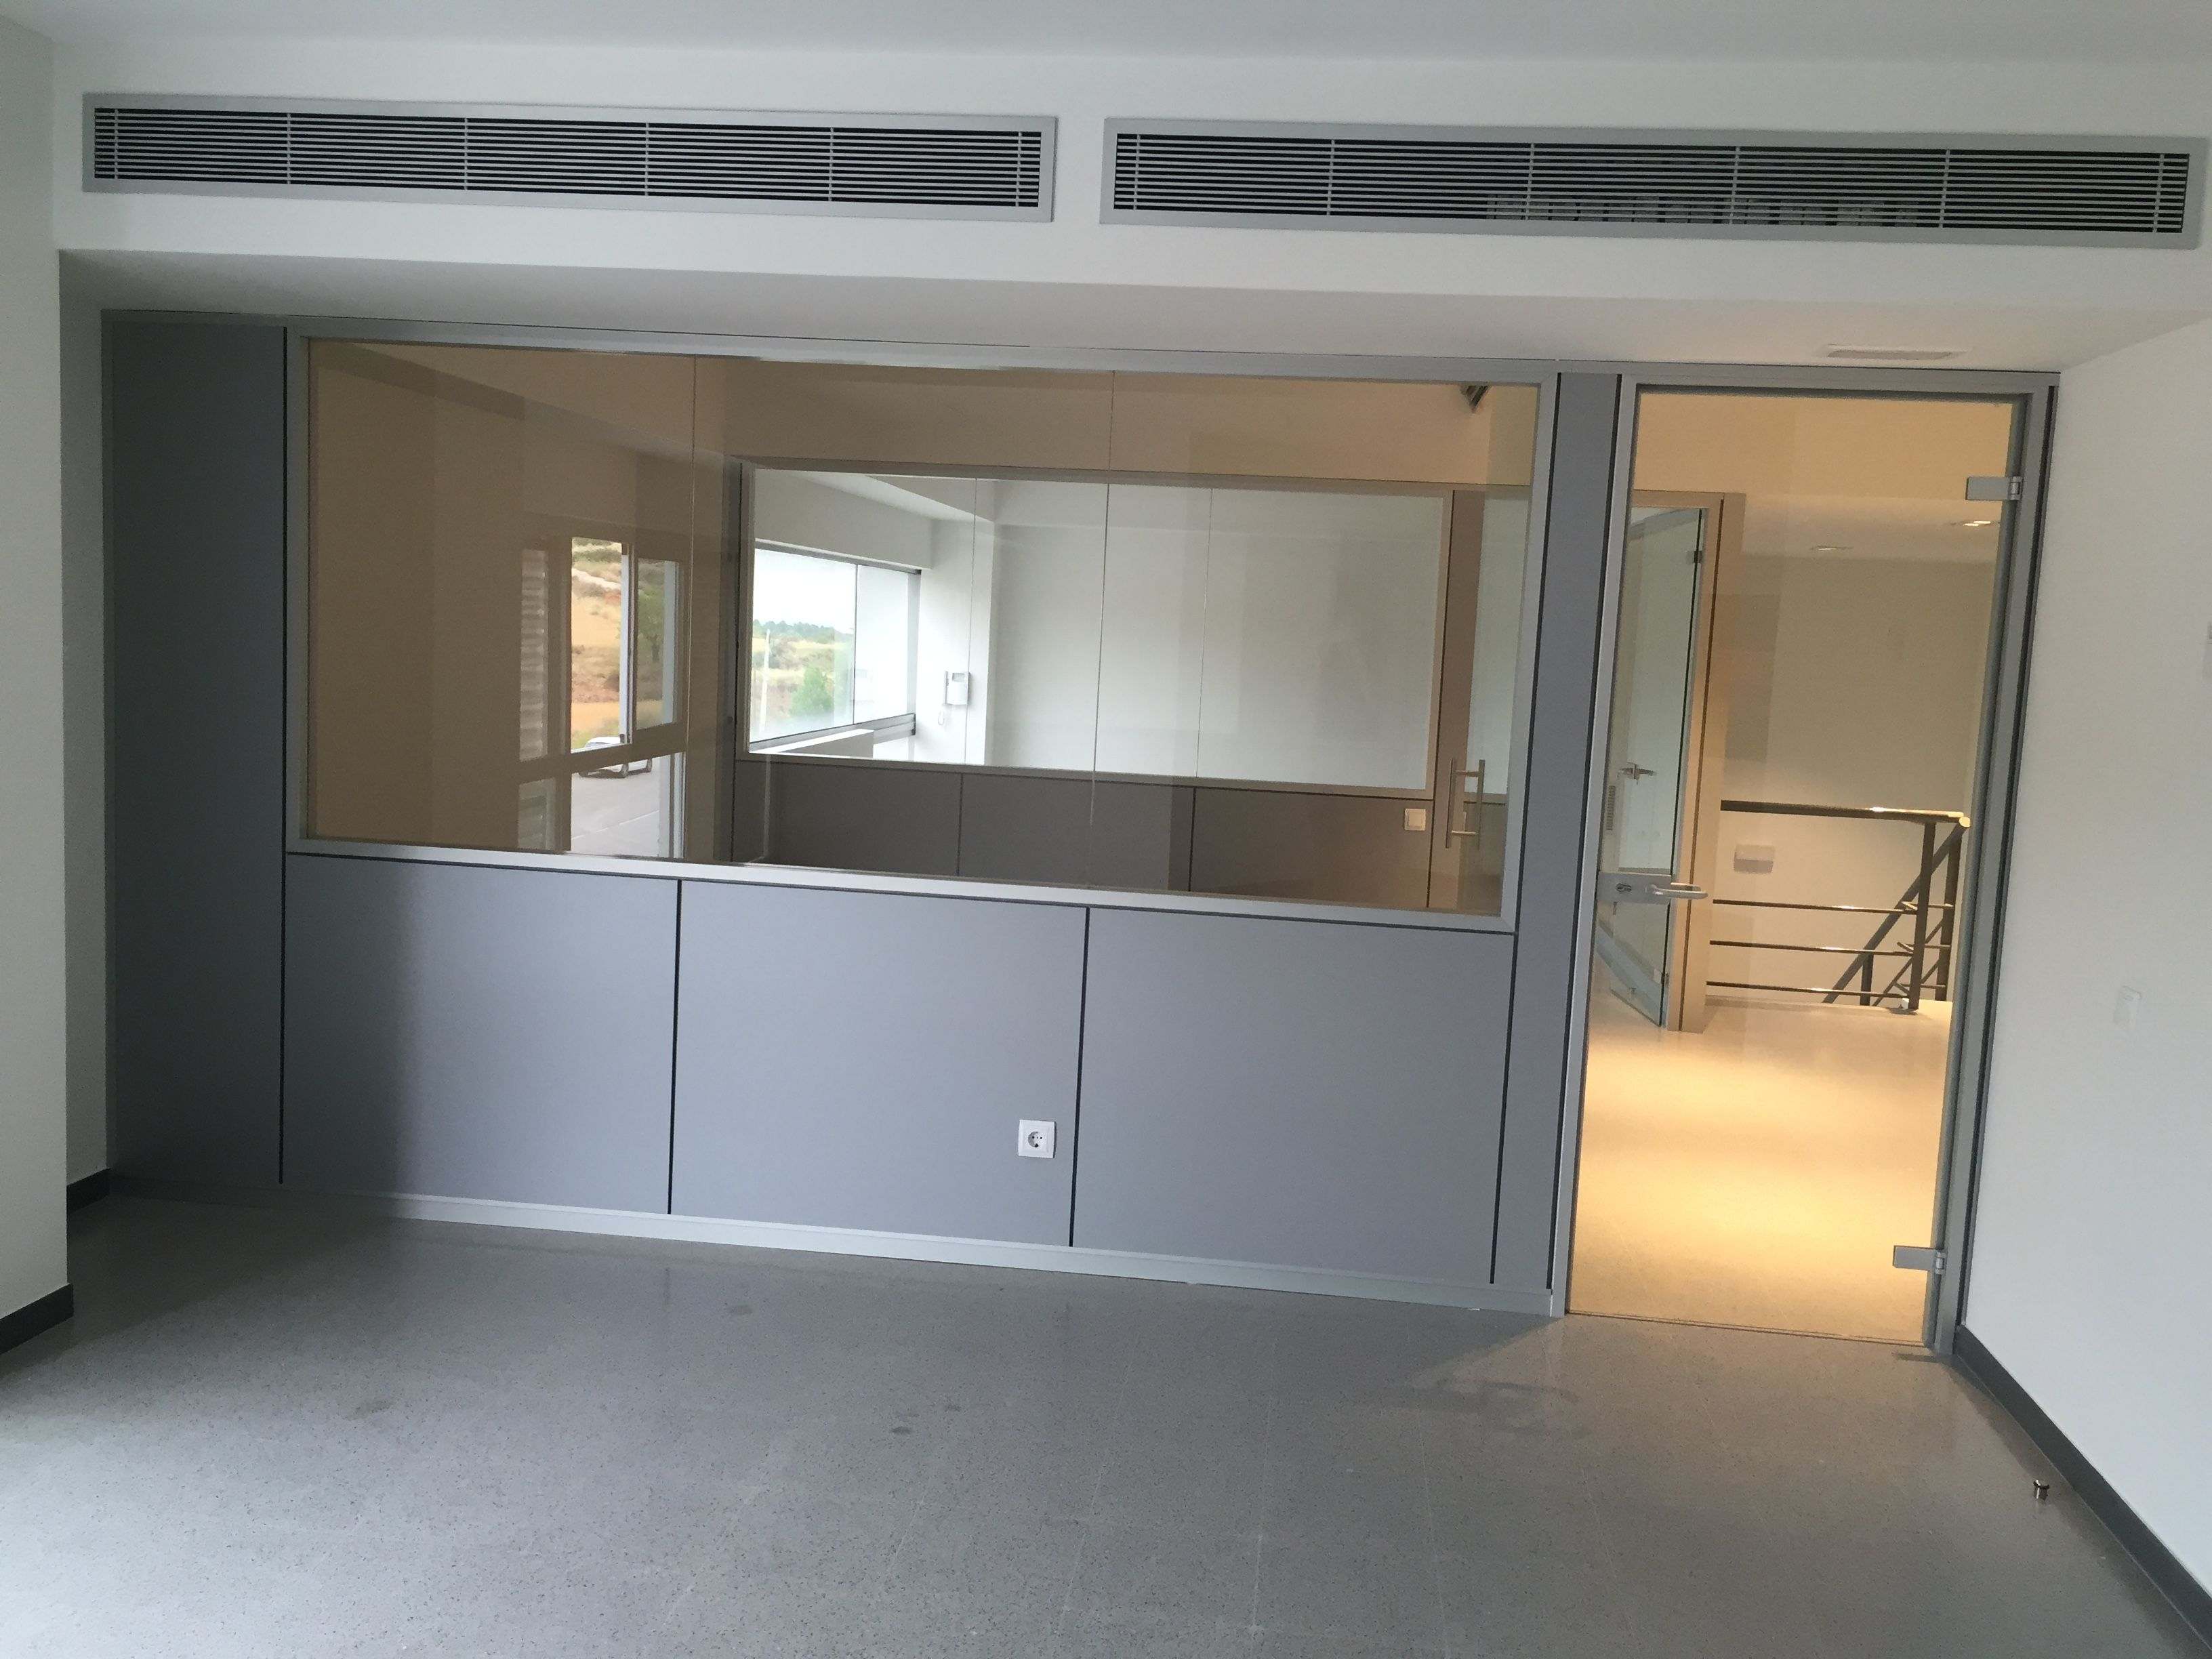 Foto 65 de Carpintería de aluminio, metálica y PVC en Terrassa | Tancaments Cusidó